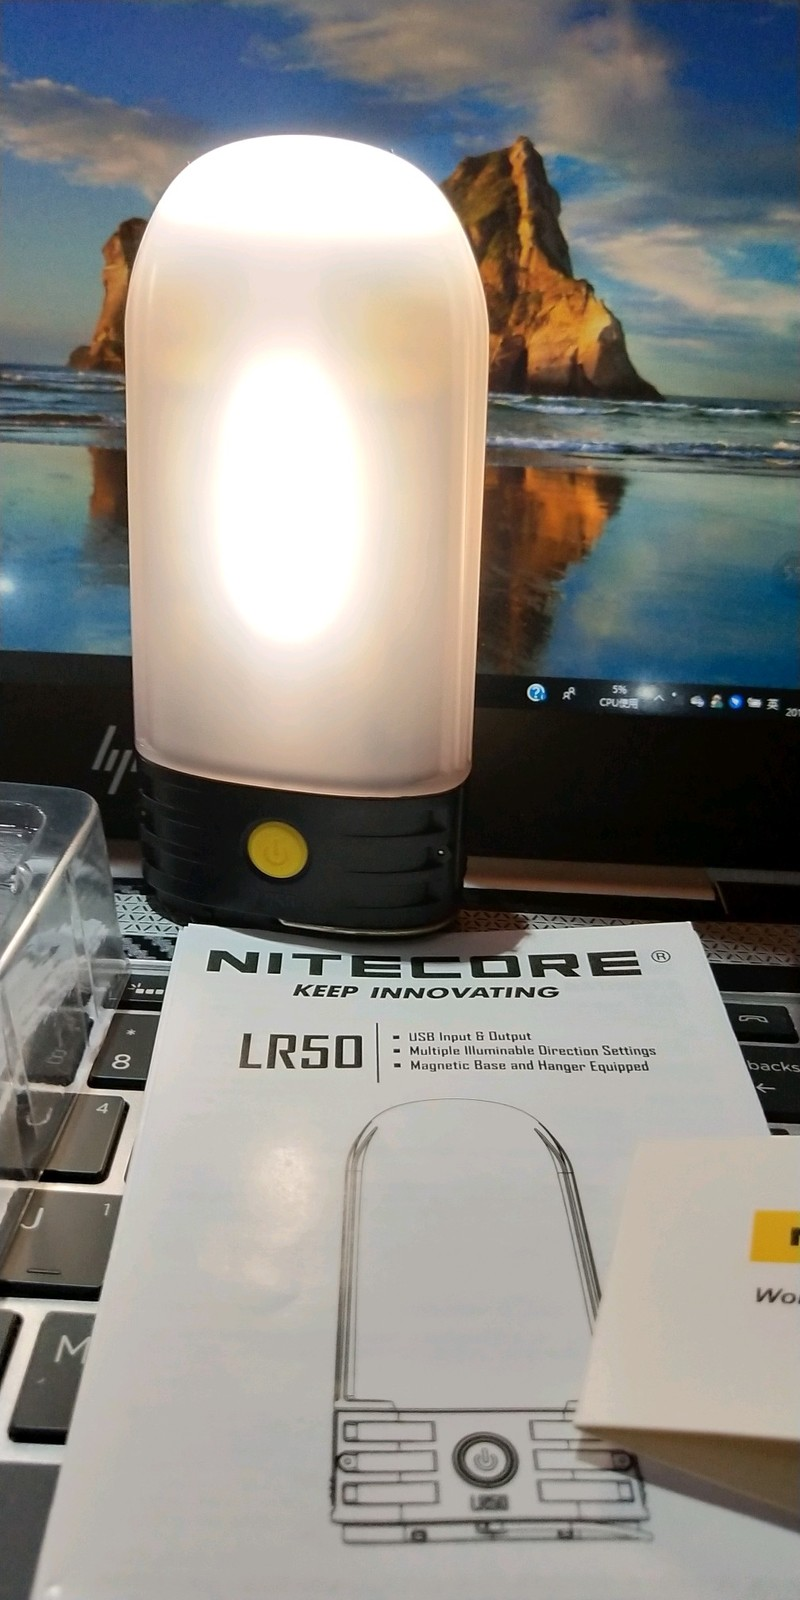 不只是营地灯–奈特科尔LR50营地灯评测